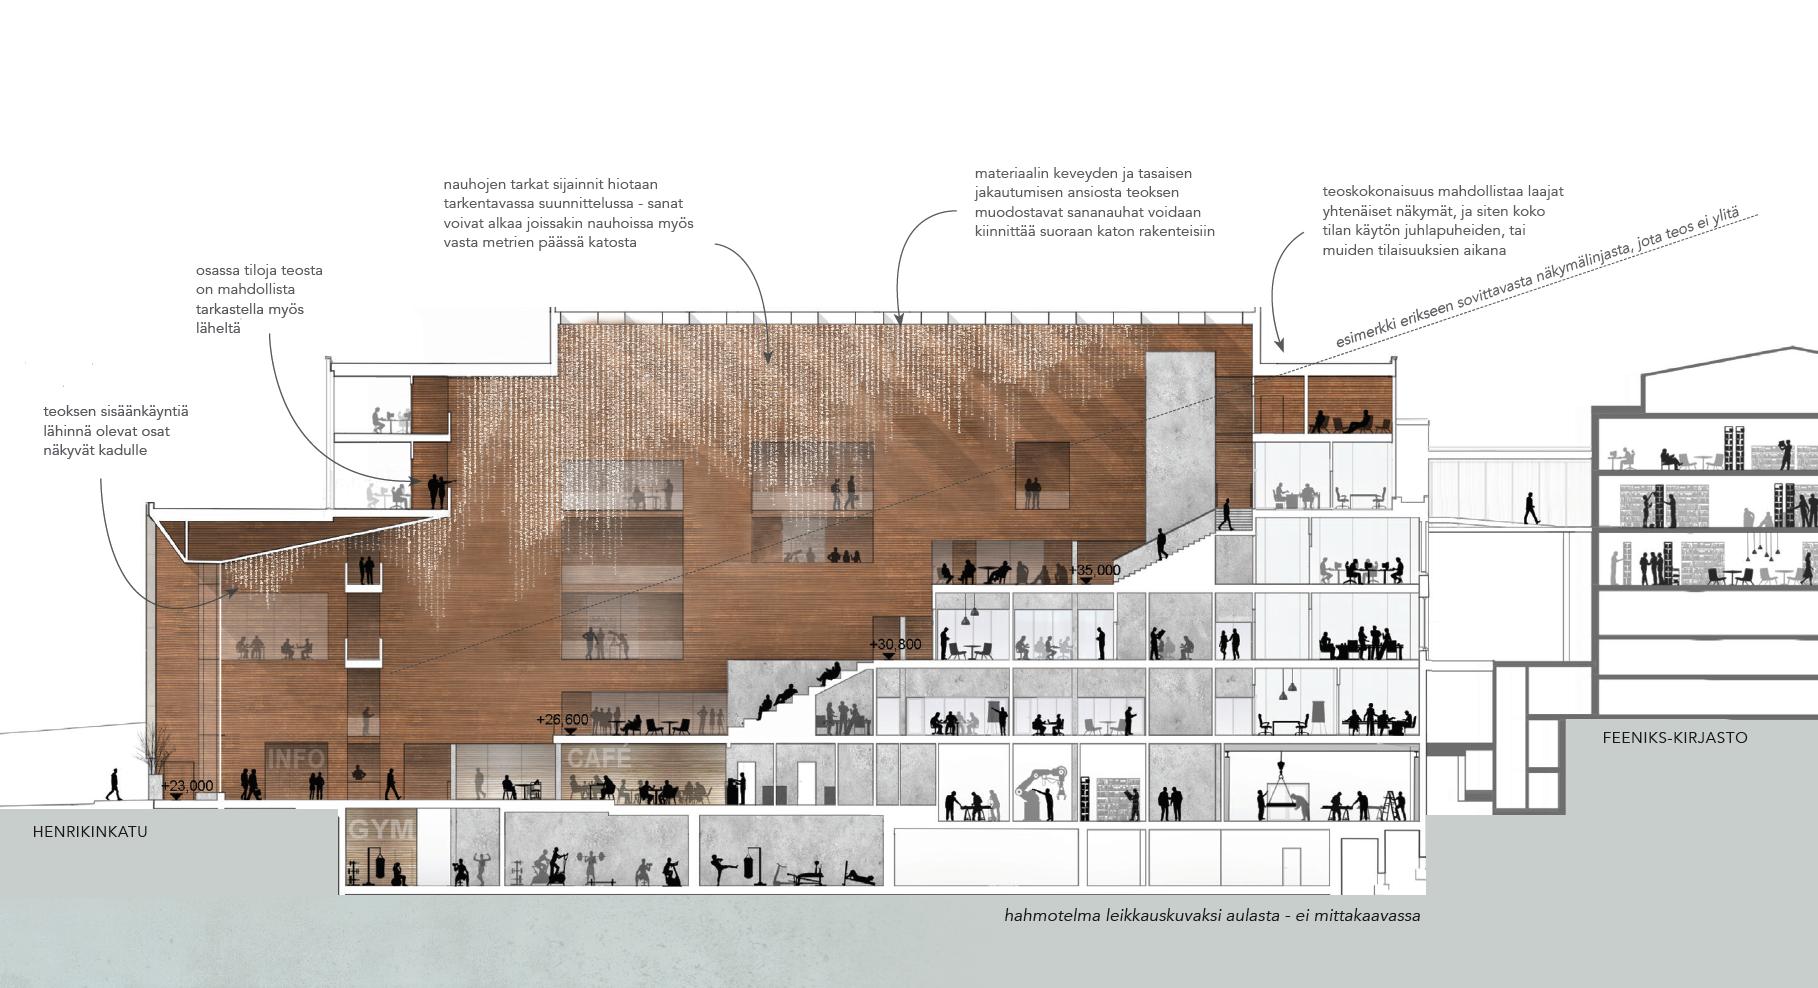 Poikkileikkaus-luonnoksessa olen hahmotellut teoksen asettumista osaksi aulatiloja - klikkaamalla kuvaa näet sen suurempana.